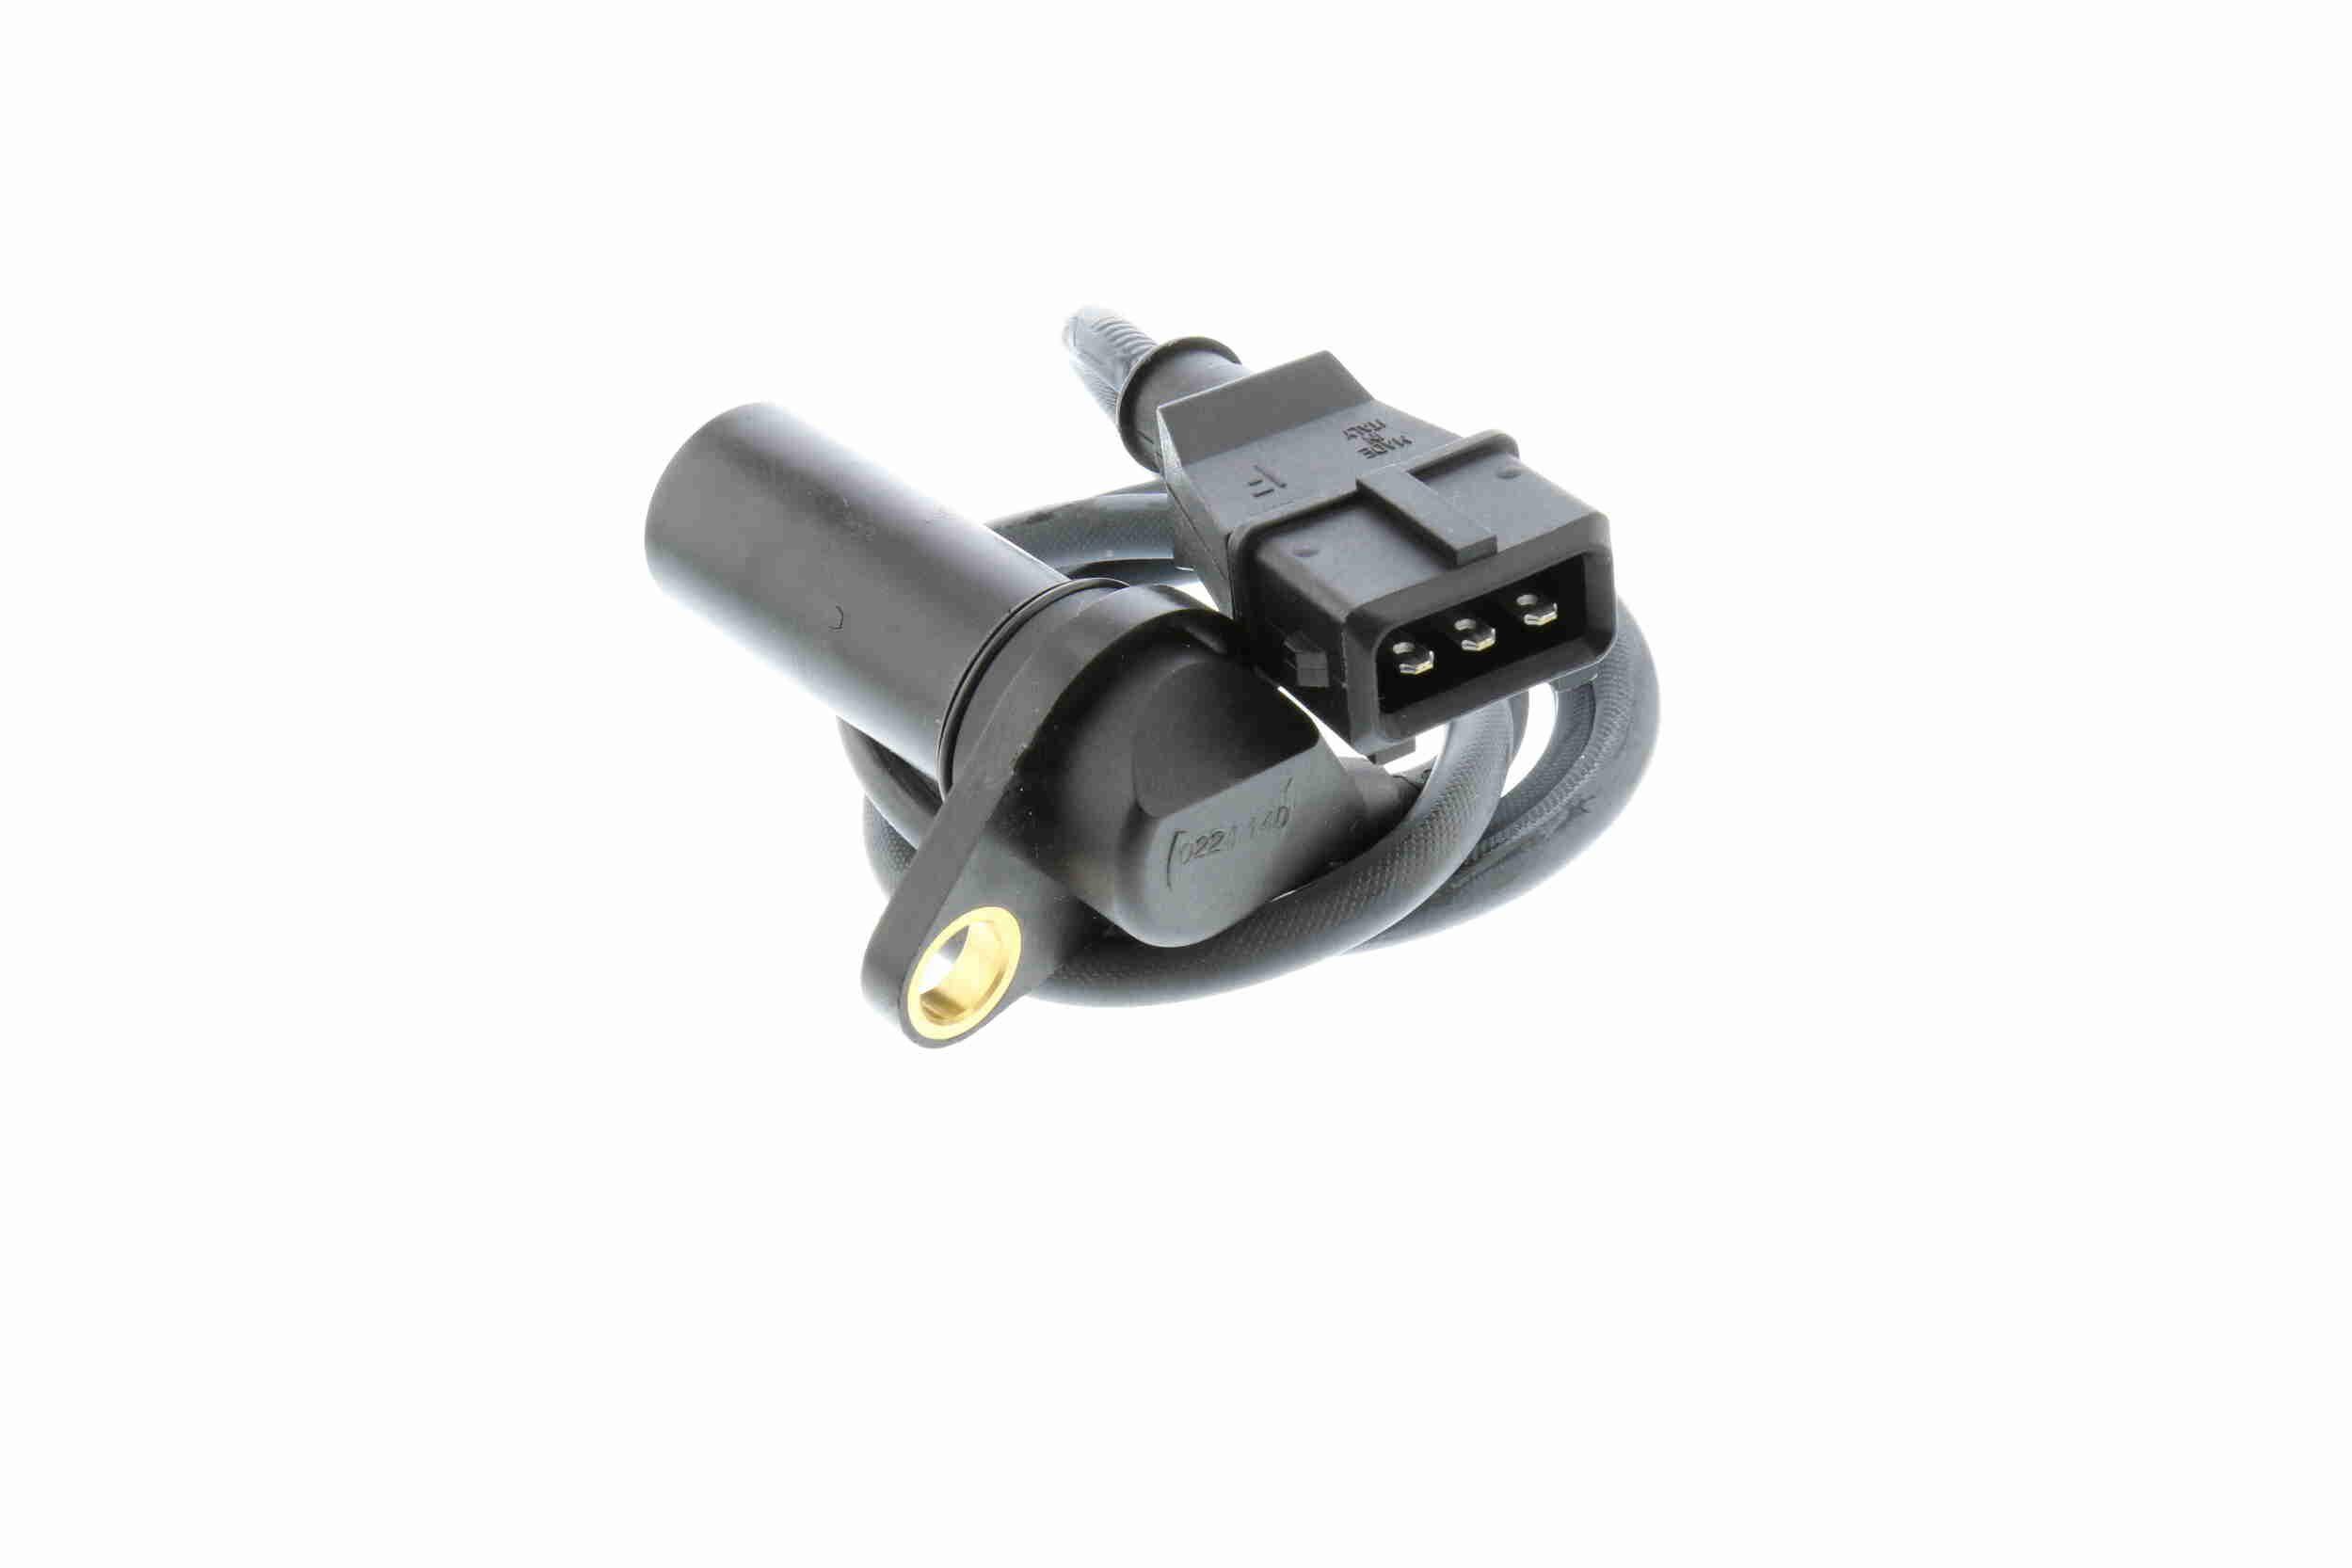 80 8C Kurbelwelle Vemo Audi Impulsgeber B4